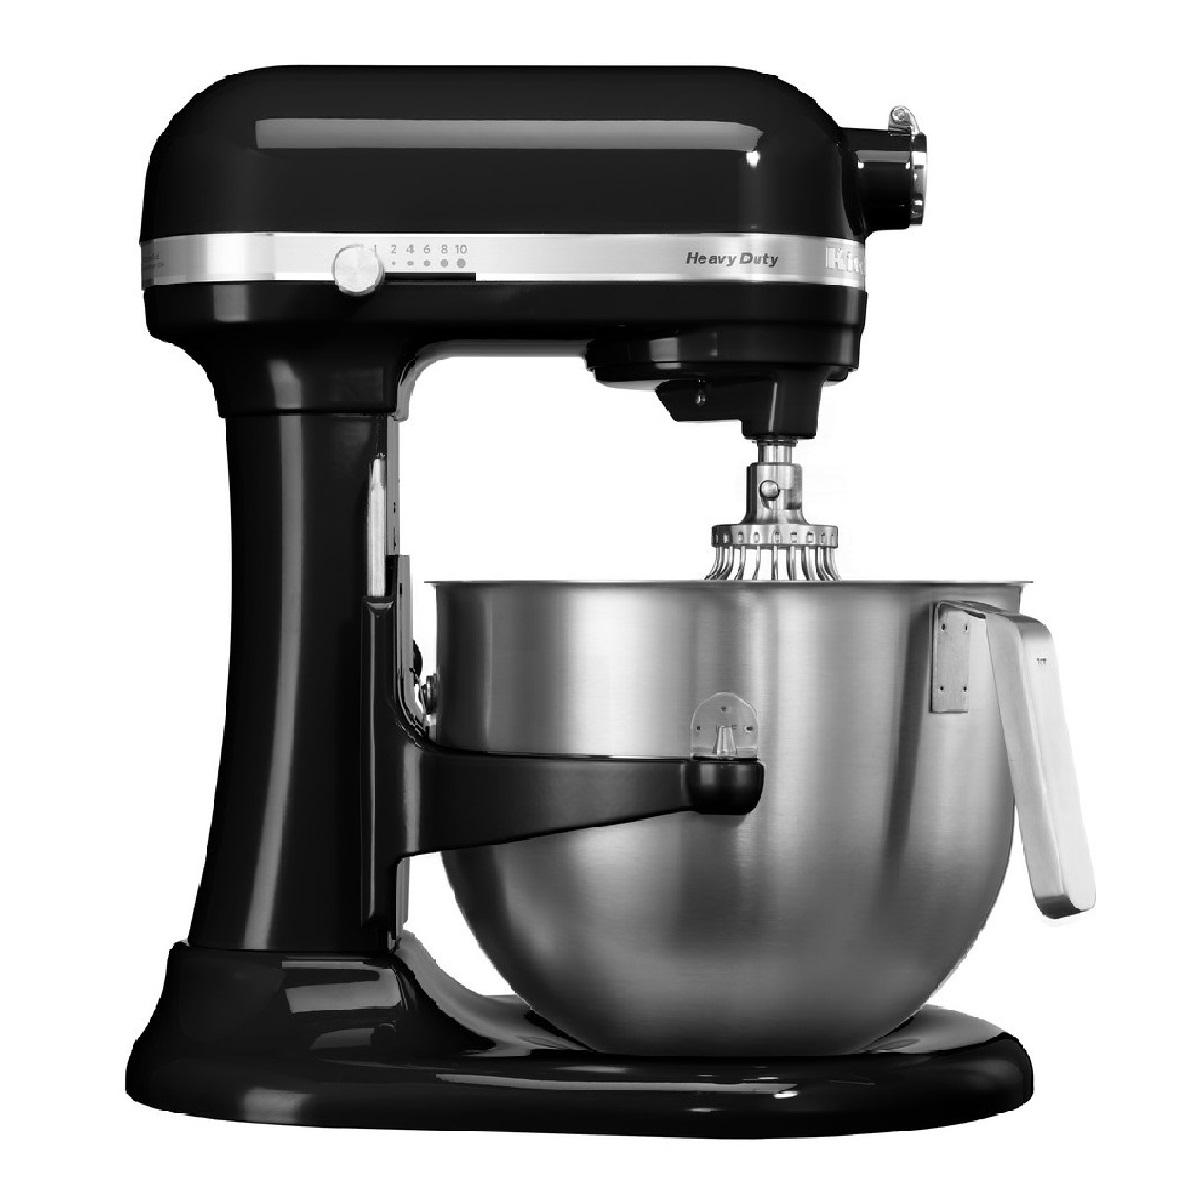 KitchenAid Küchenmaschine 6,9L HEAVY DUTY mit Schüsselheber 5KSM7591X